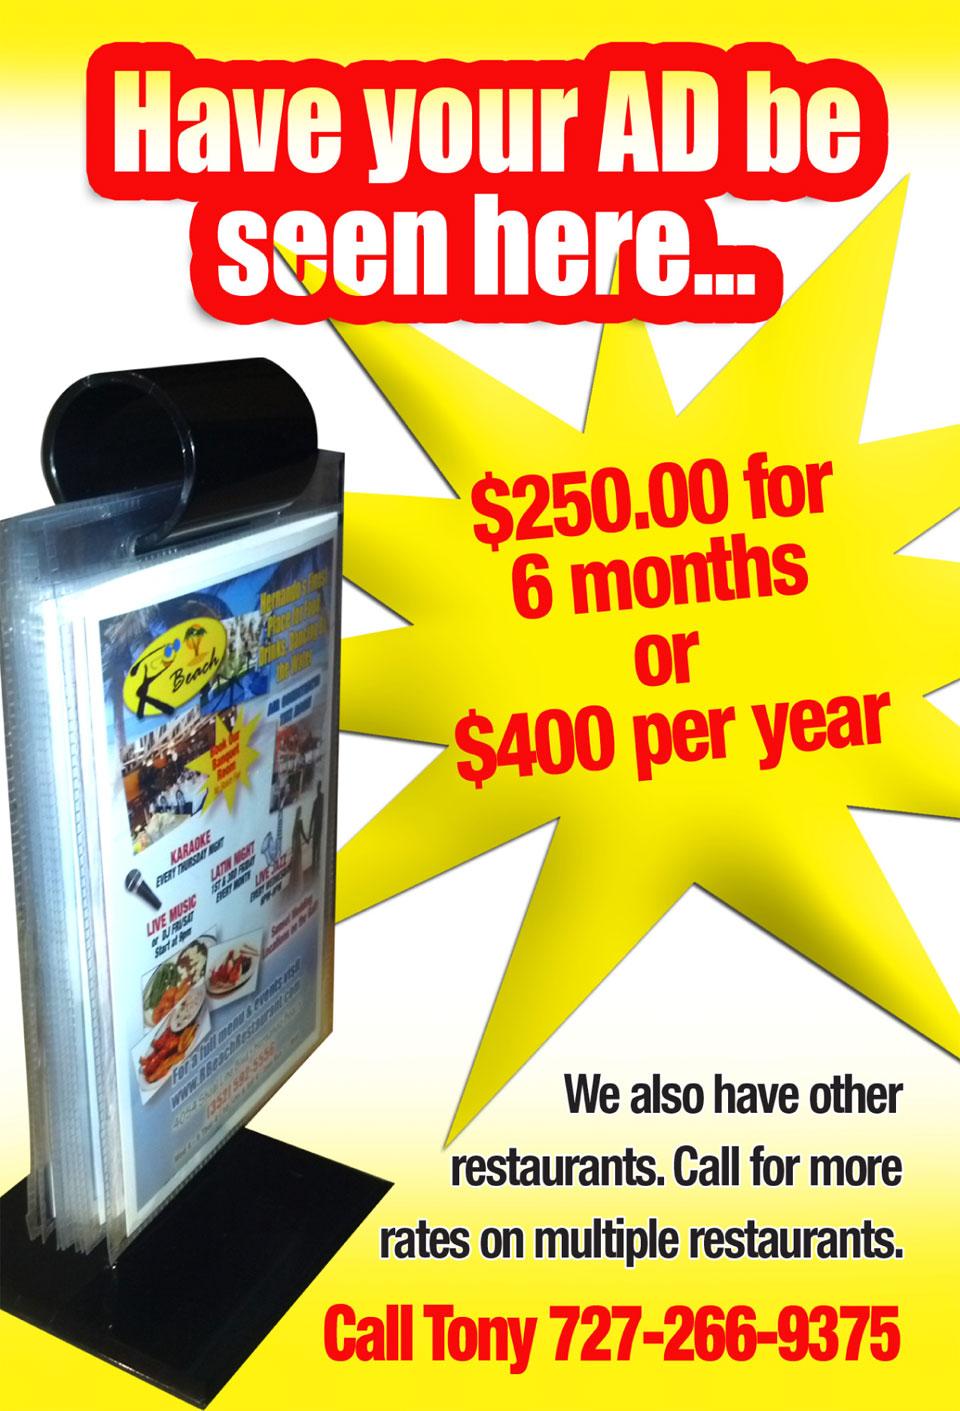 Keep calling coupon code